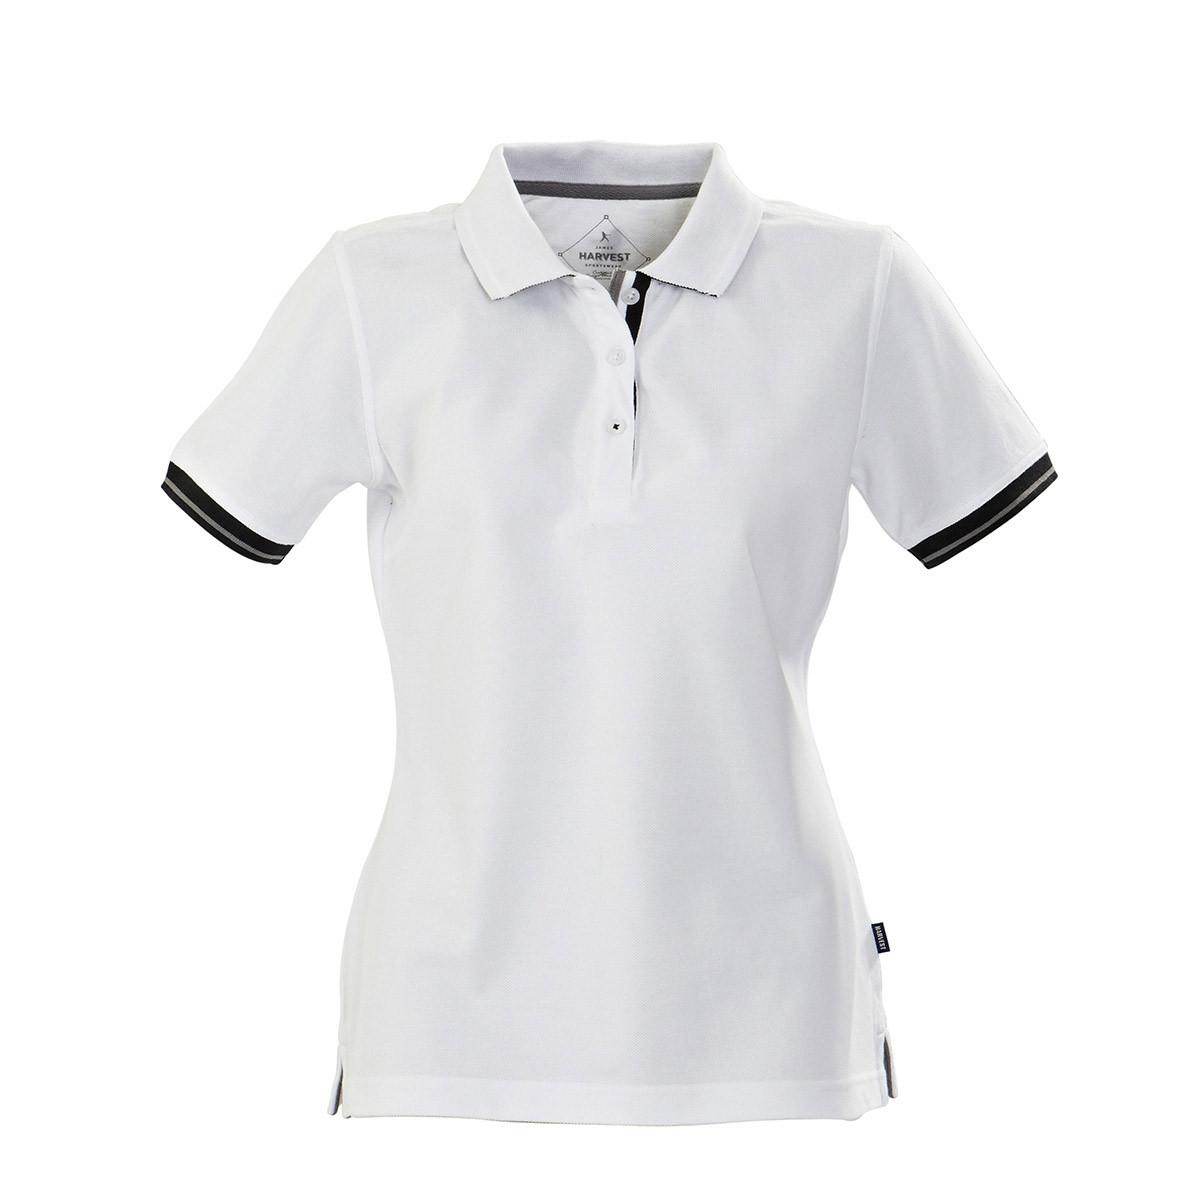 Жіноча теніска Antreville від ТМ James Harvest (білий, XL)